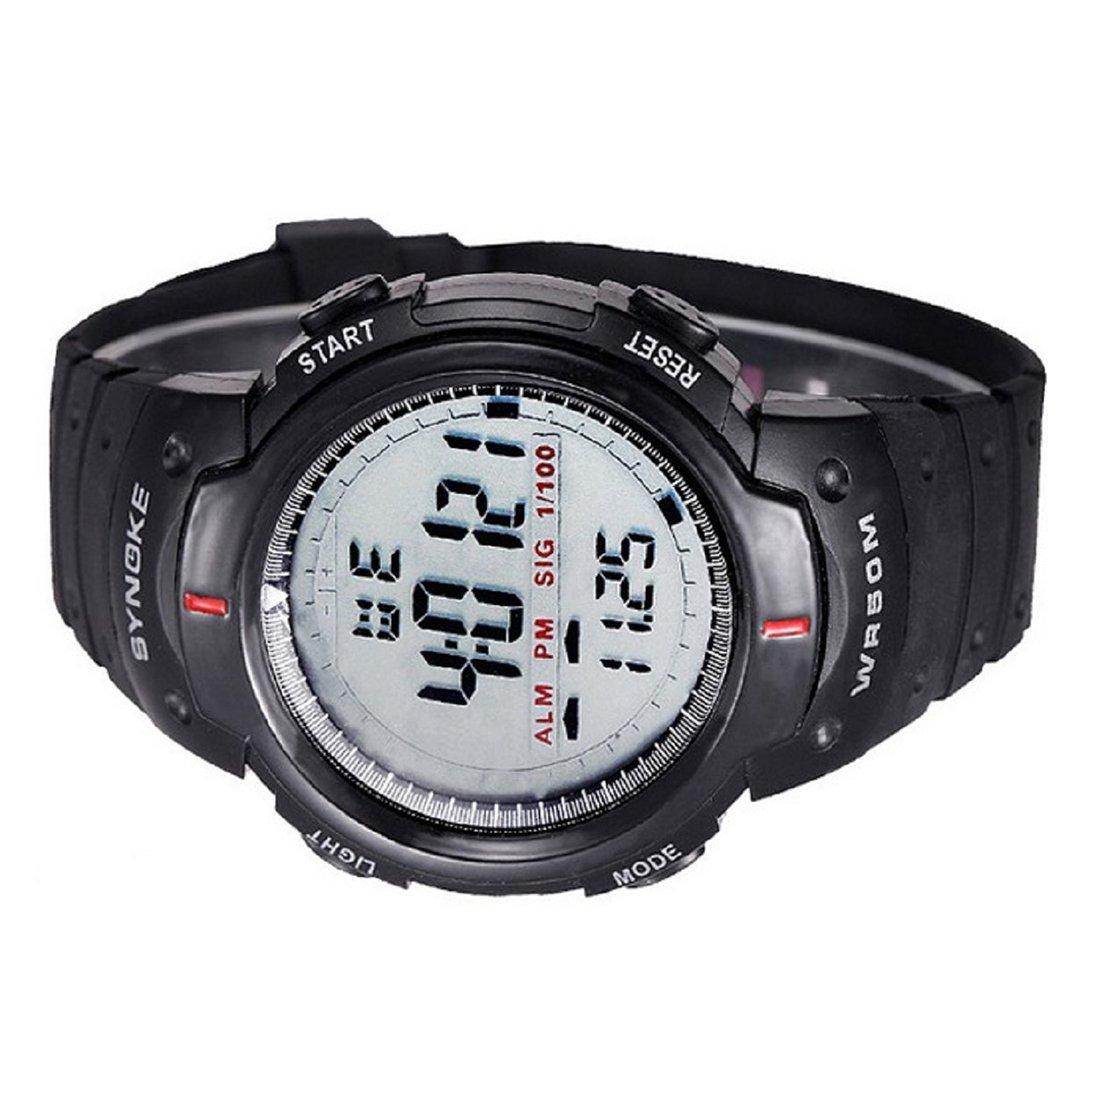 Hombres deportes Reloj - SYNOKE Hombres digital Reloj LED deportes cuarzo alarma fecha reloj de pulsera (negro): Amazon.es: Relojes